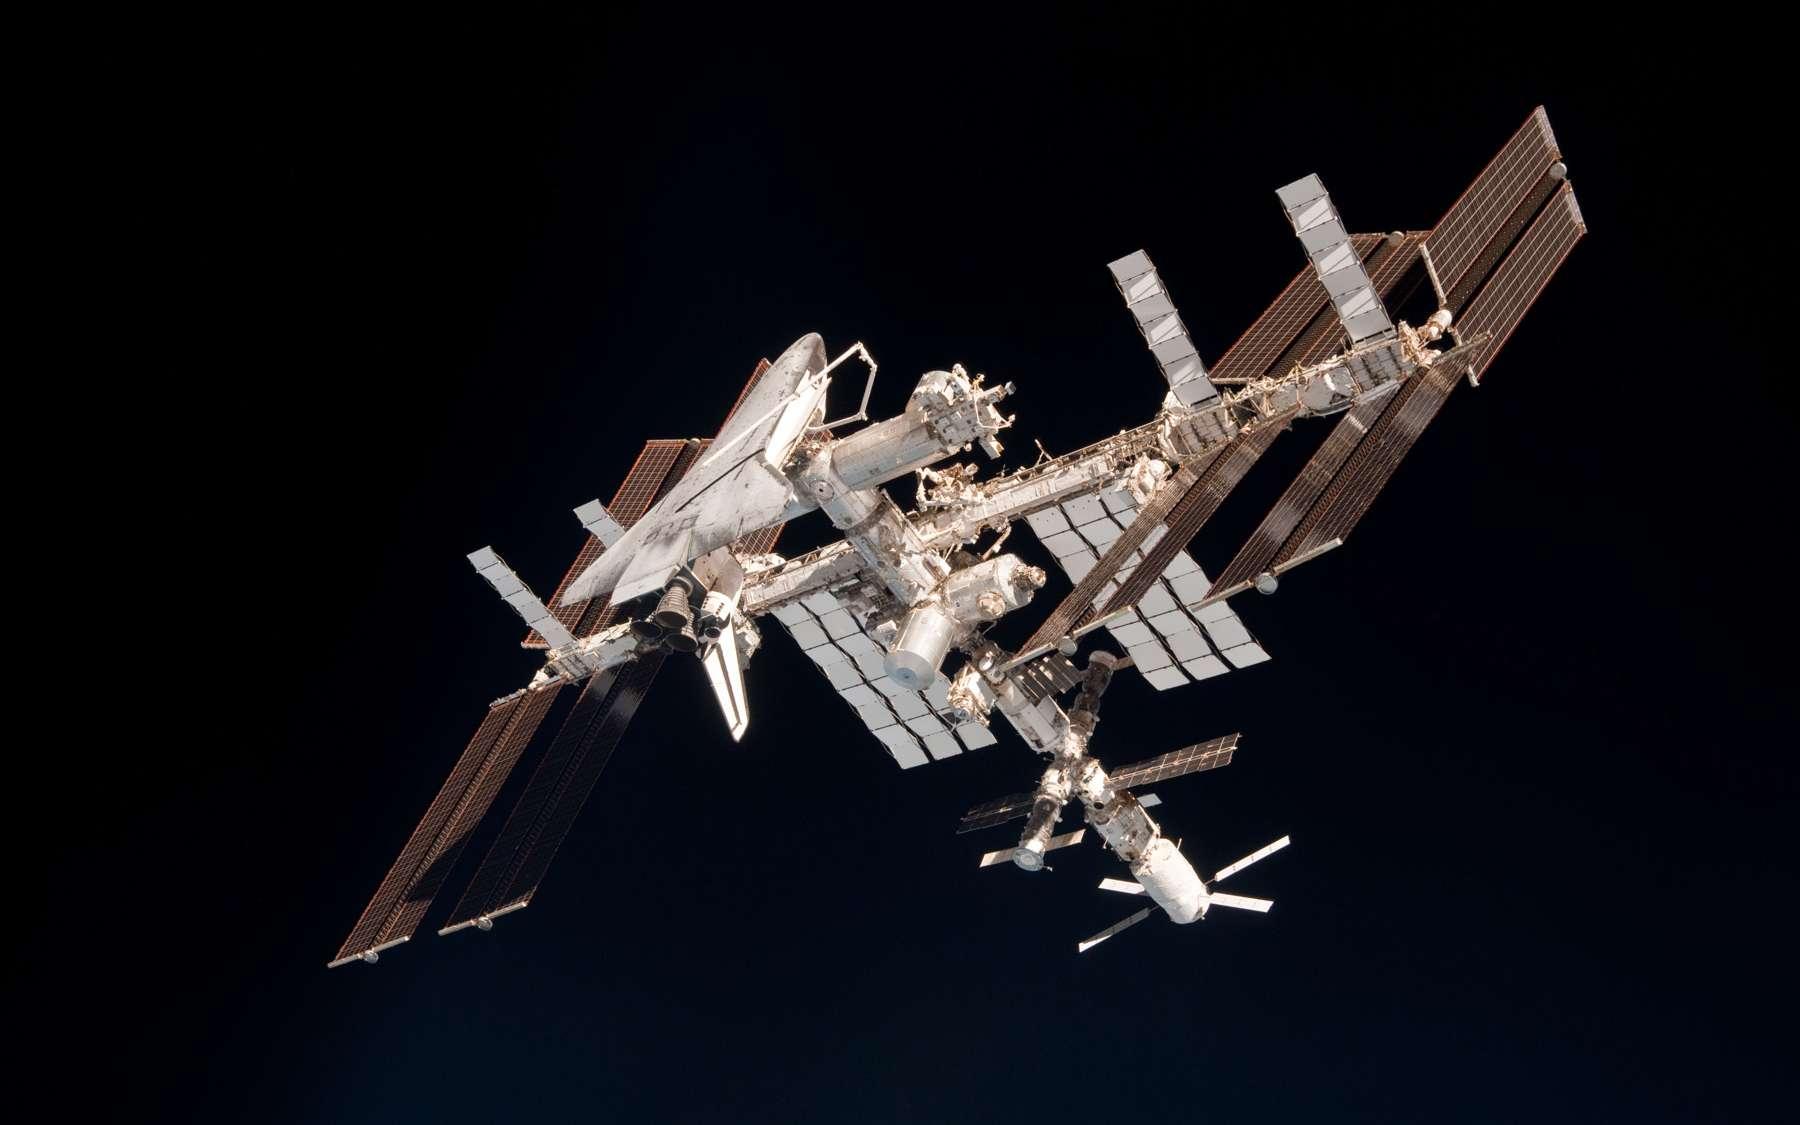 La durée de vie de la Station spatiale internationale a été prolongée de quatre années jusqu'en 2024. La Russie fera finalement partie de l'aventure jusqu'à cette date. © Nasa